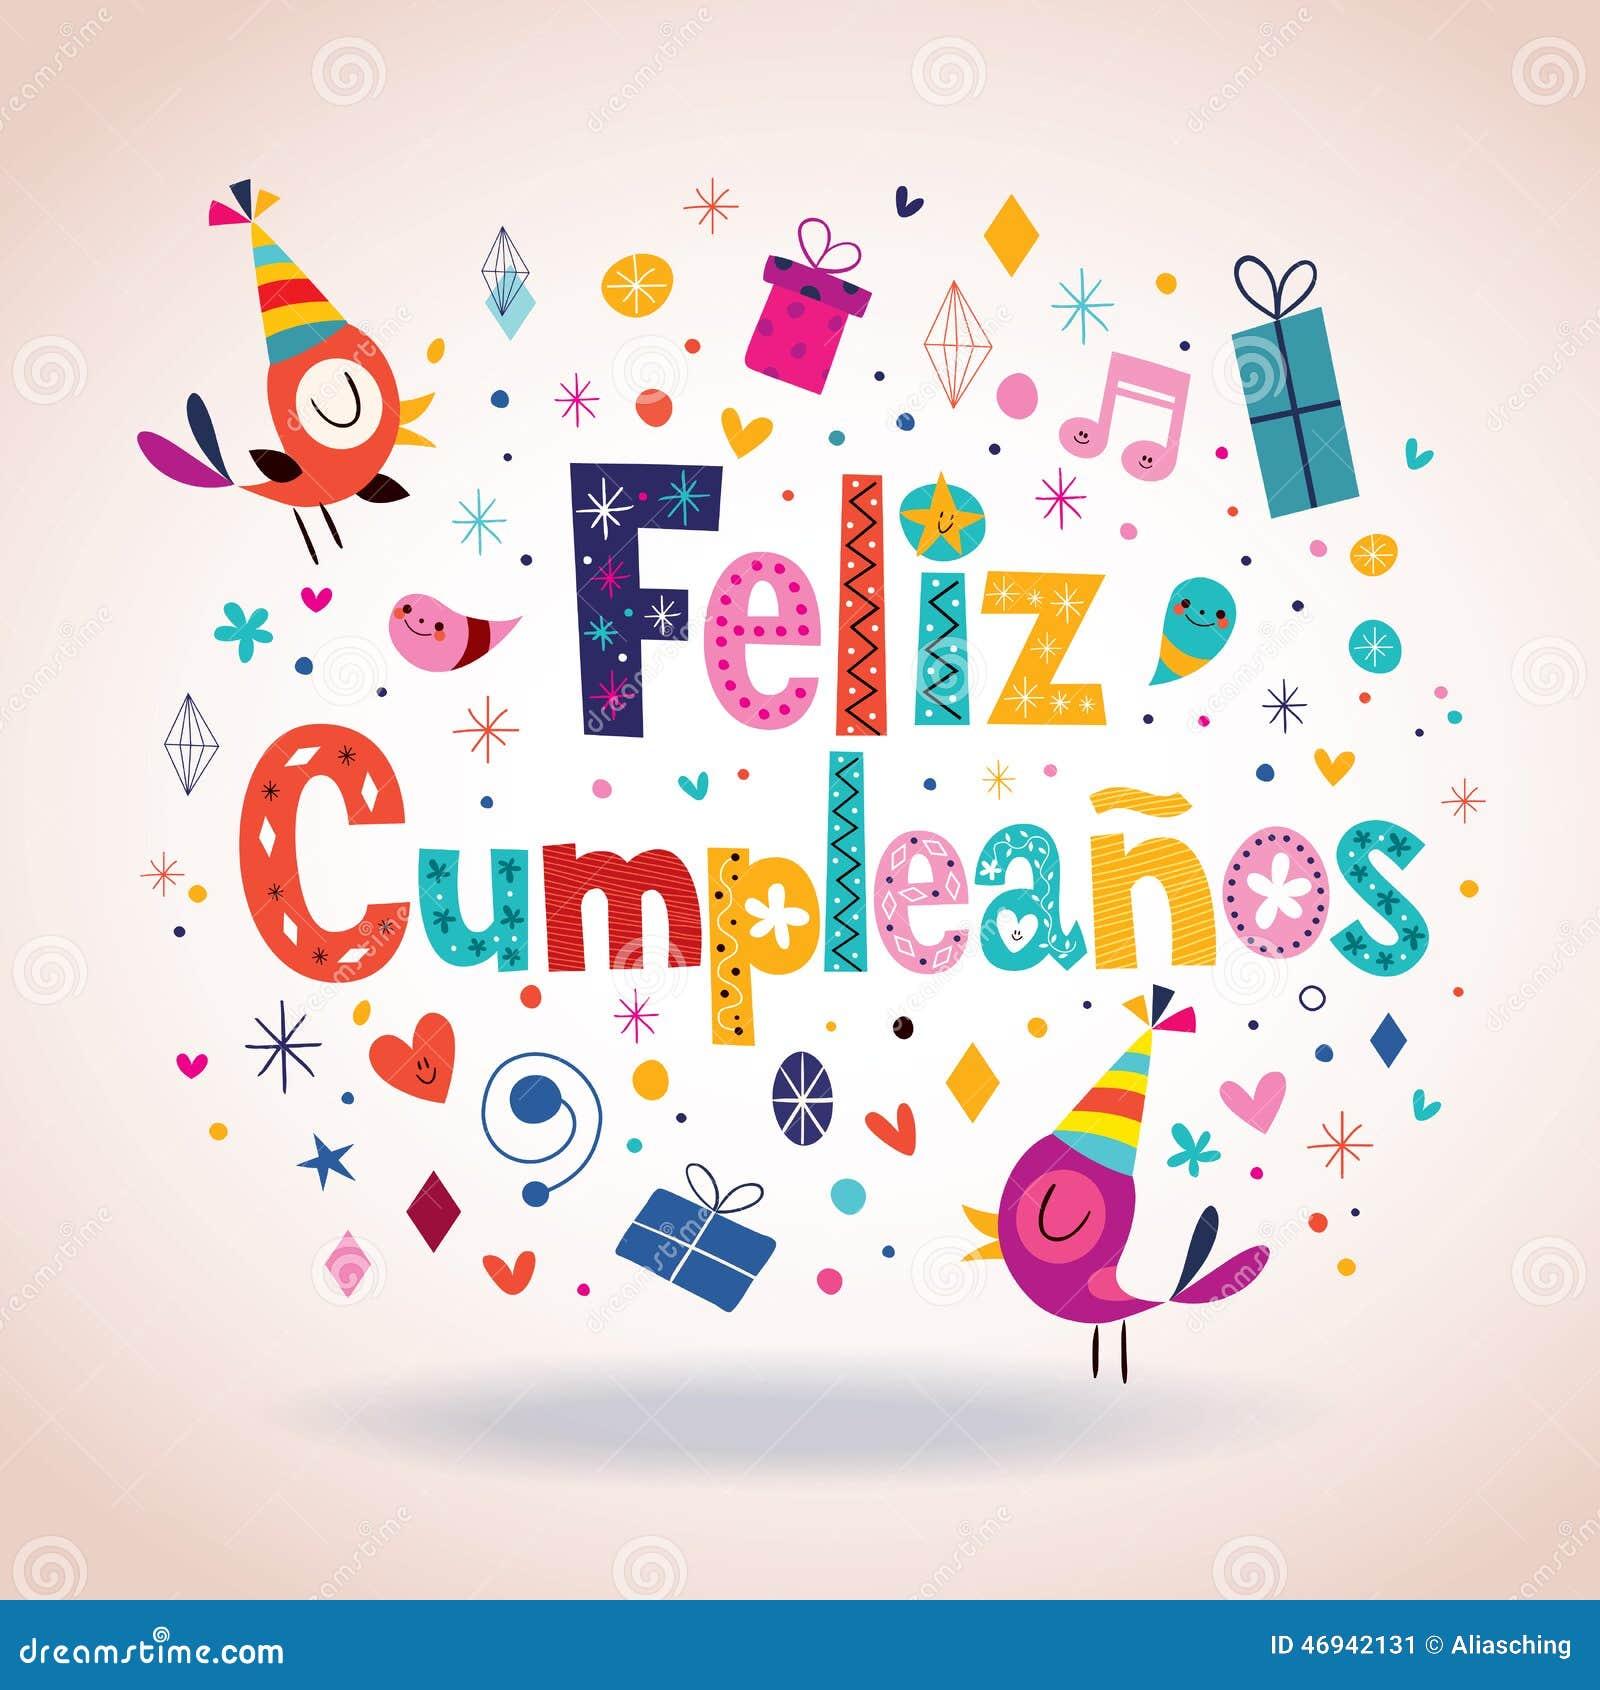 Feliz Cumpleanos Joyeux Anniversaire Dans La Carte Espagnole